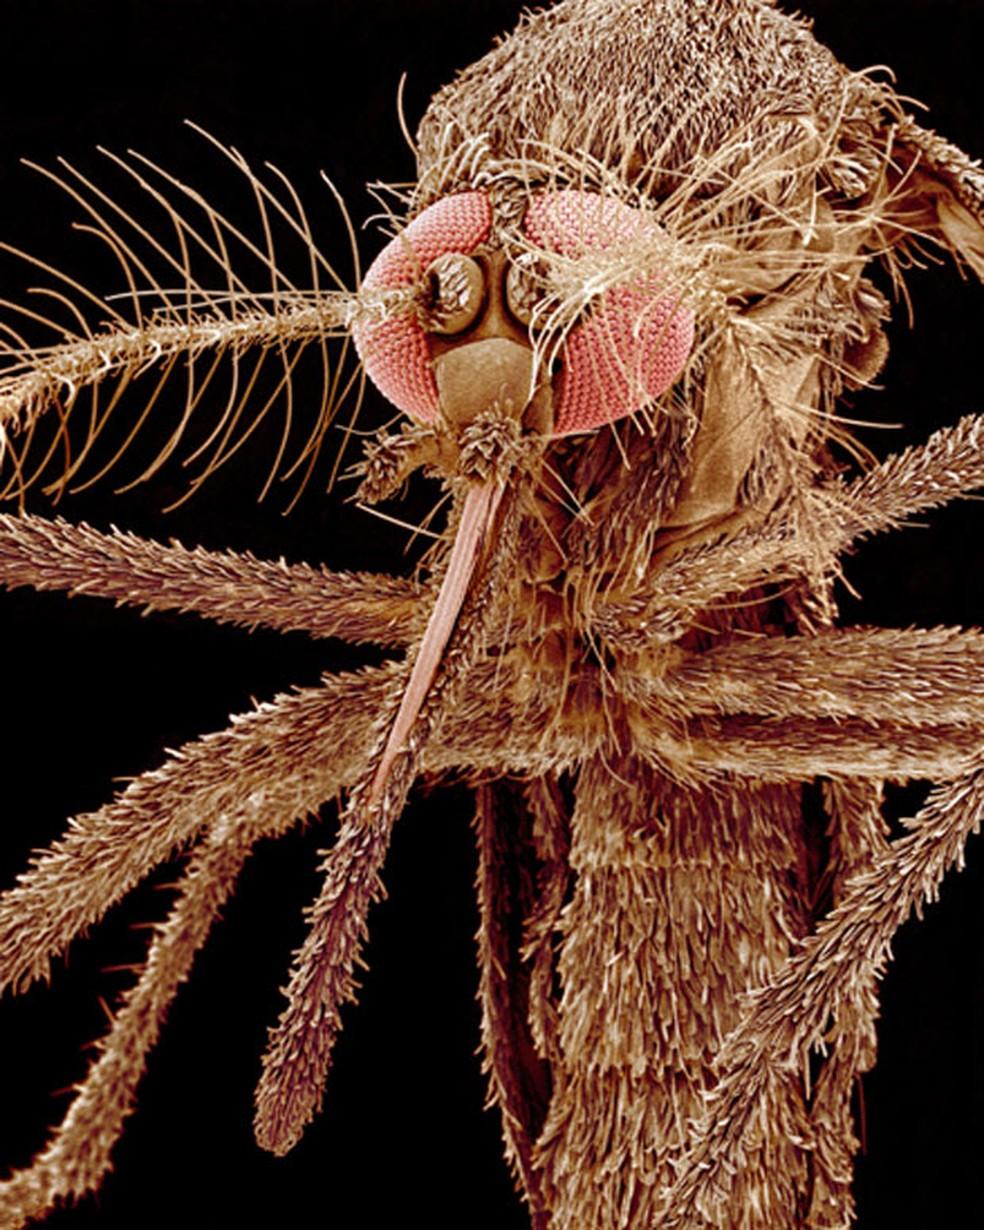 Originário das áreas tropicais e subtropicais da Asia, Aedes albopictus se espalhou por vários países do mundo (Foto: SPL/Barcroft Media /Sinclair Stammers)